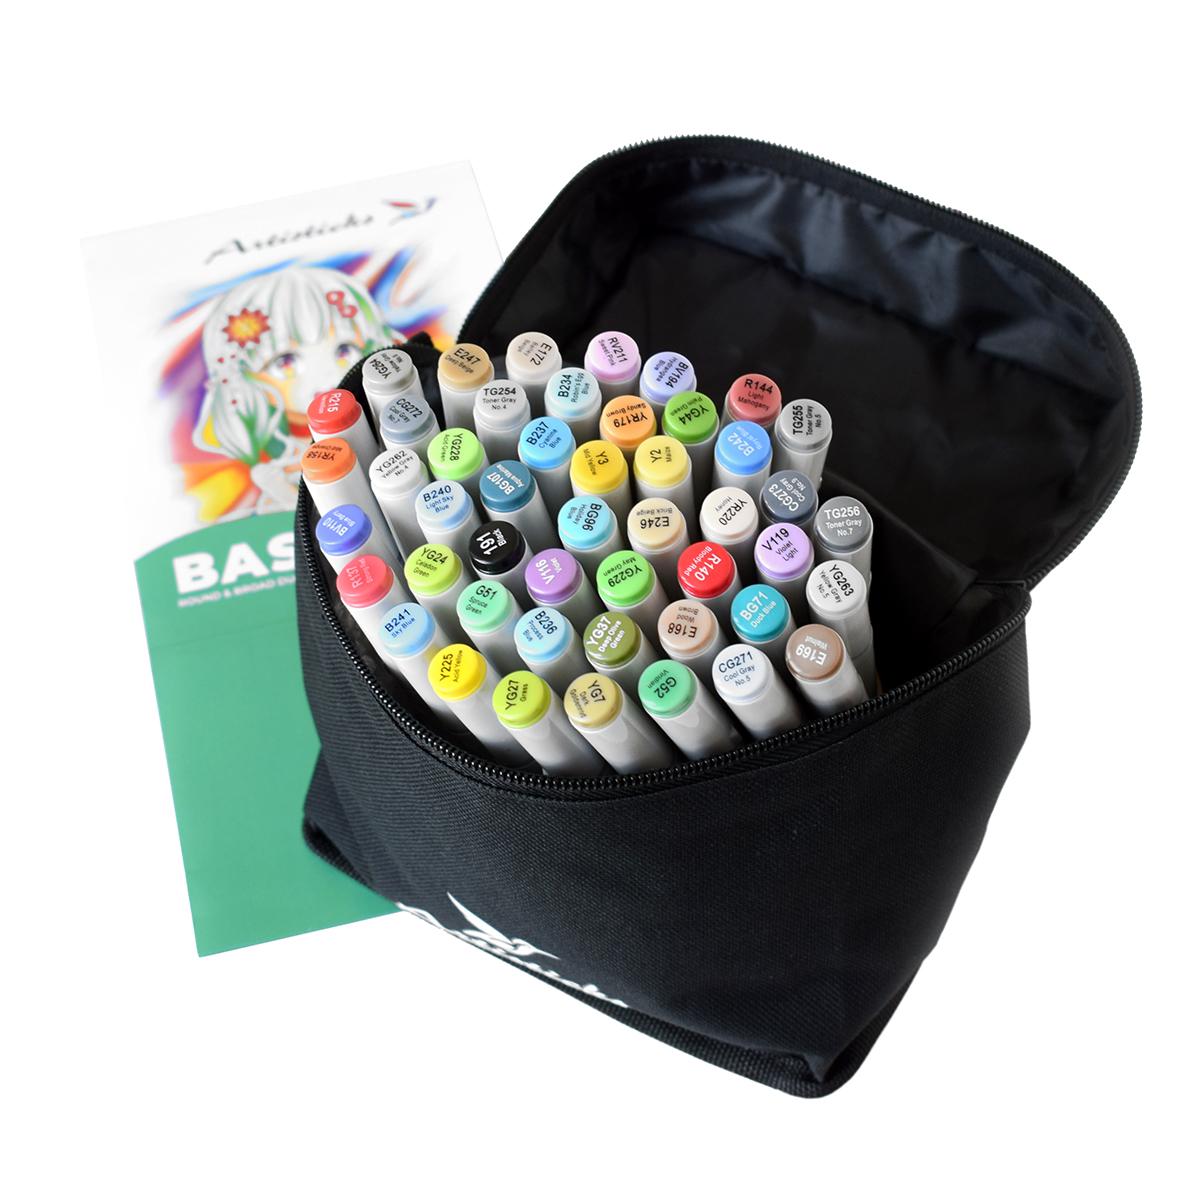 Профессиональные художественные маркеры для скетчинга и рисования Artisticks Basic 101bag, 48 цветов, 2-сторонние, 1-6 мм